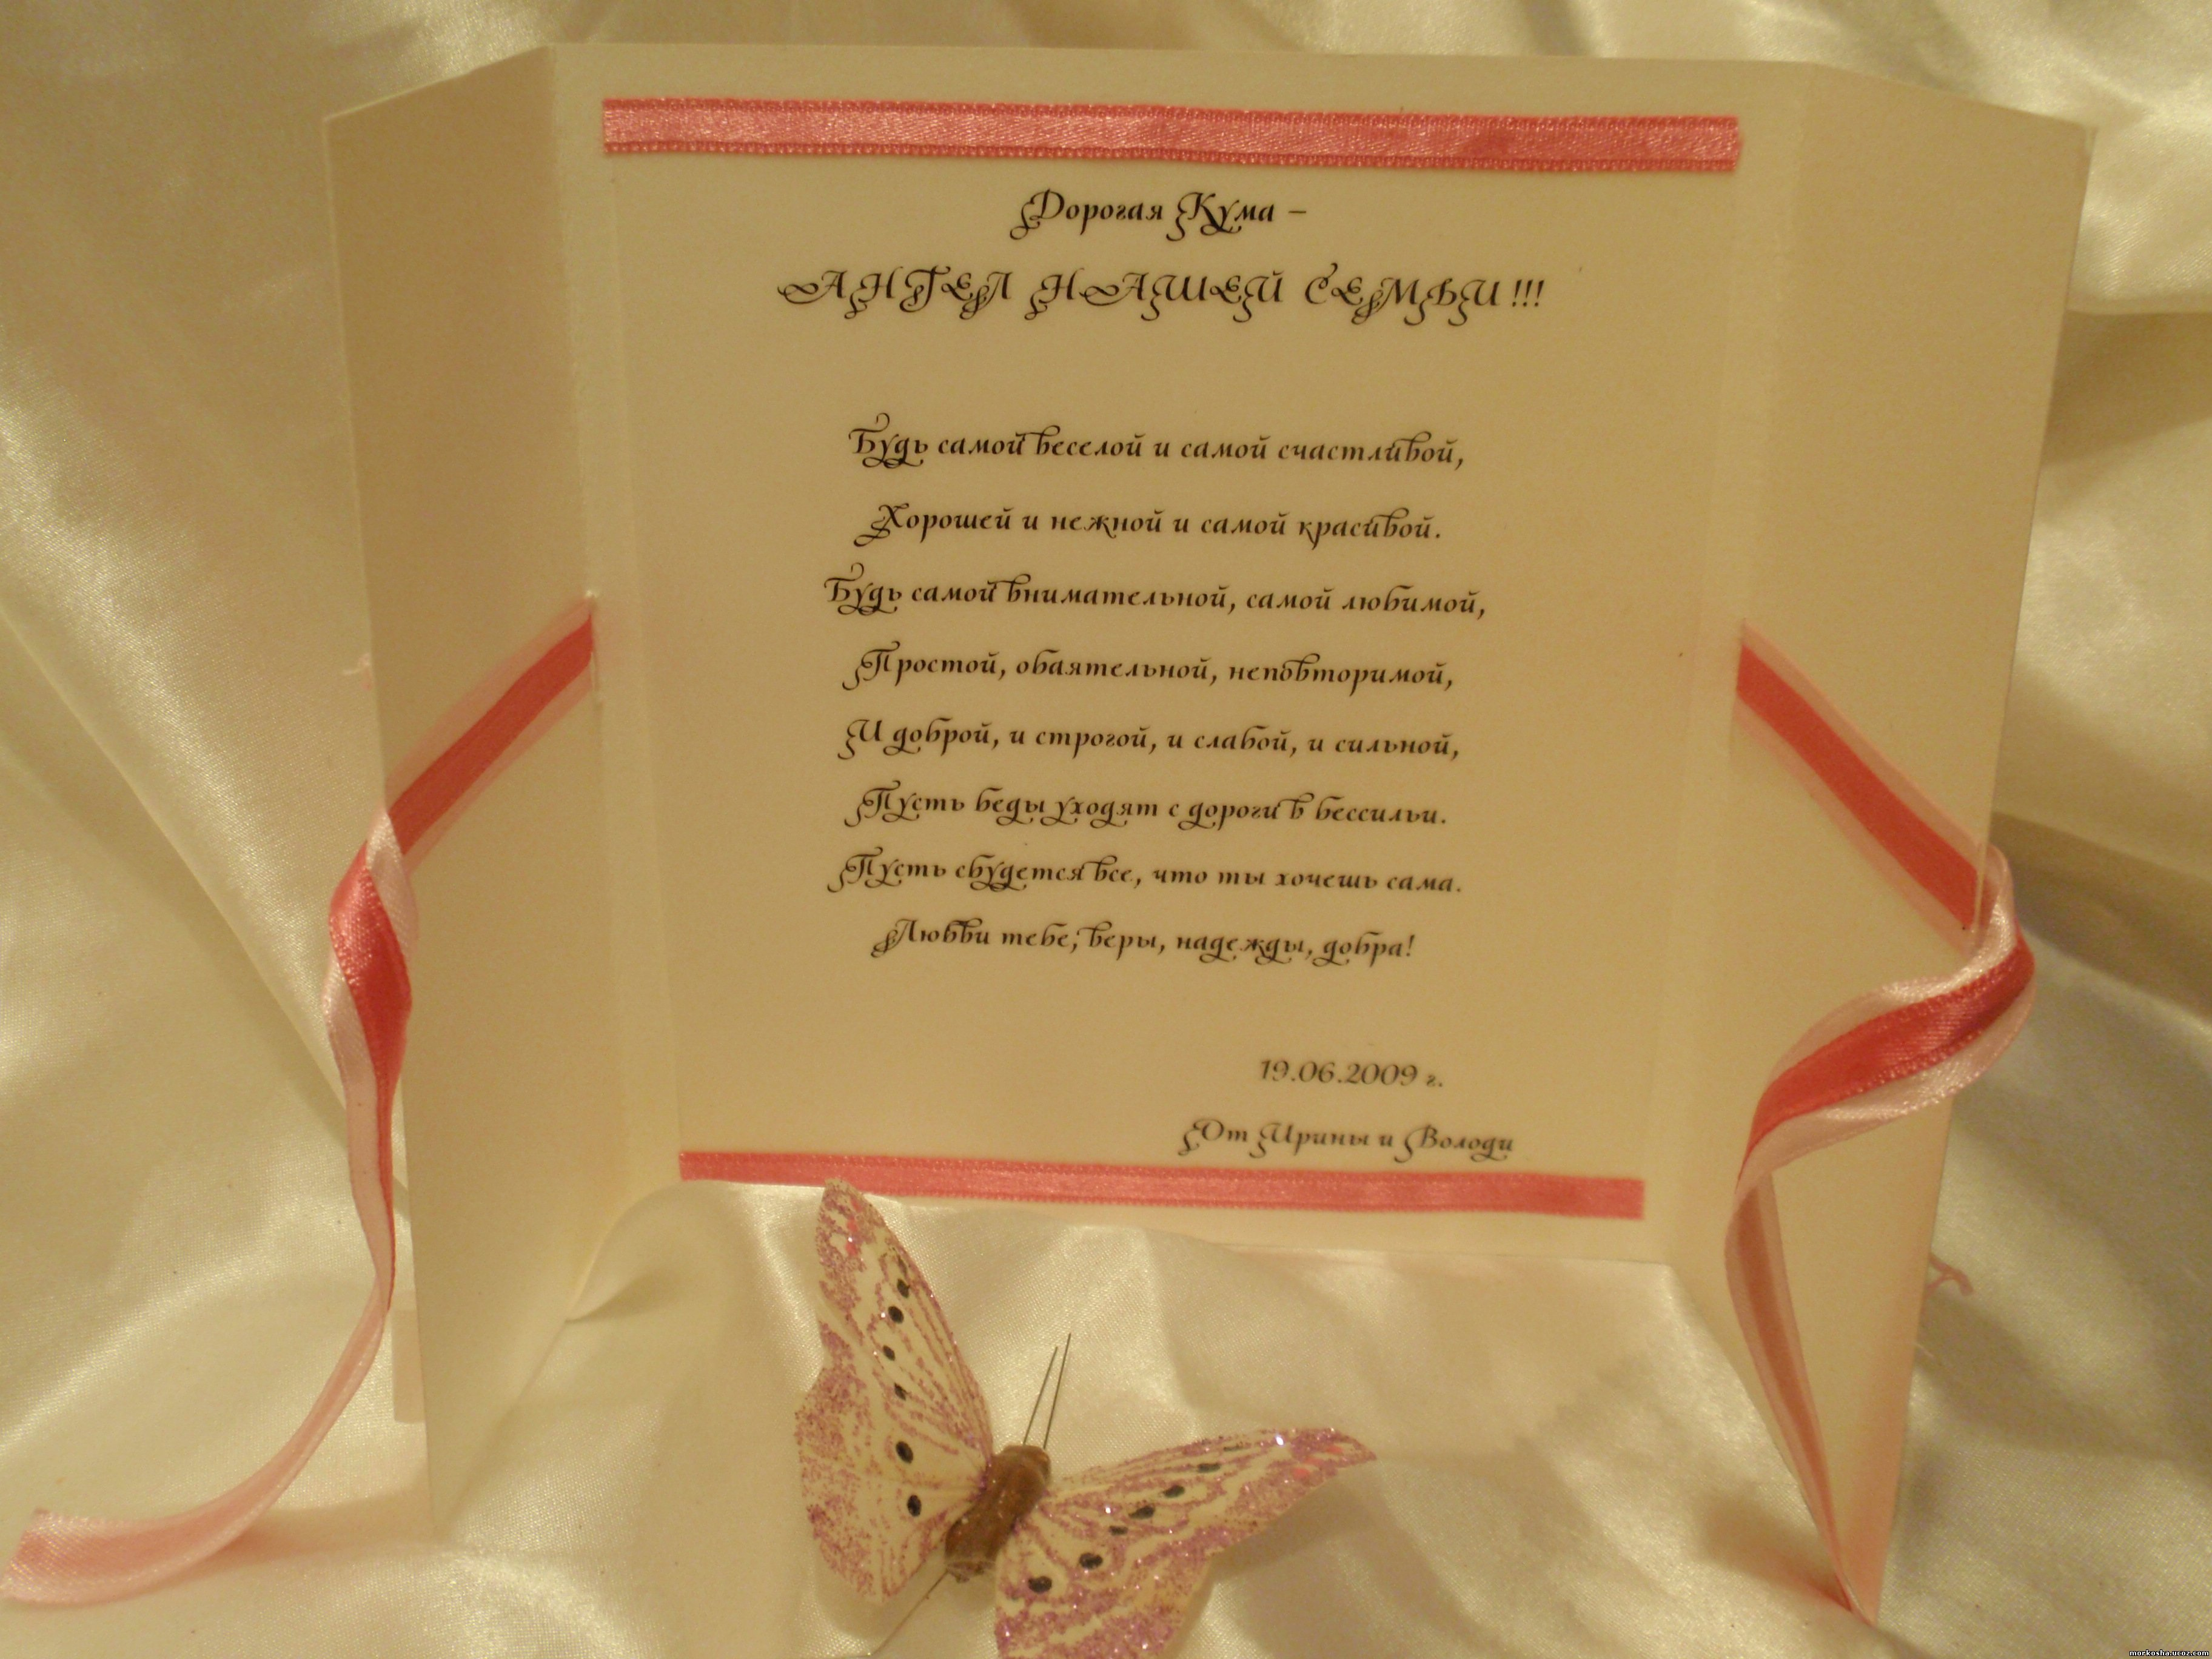 Поздравления куме от кумы с днем свадьбы